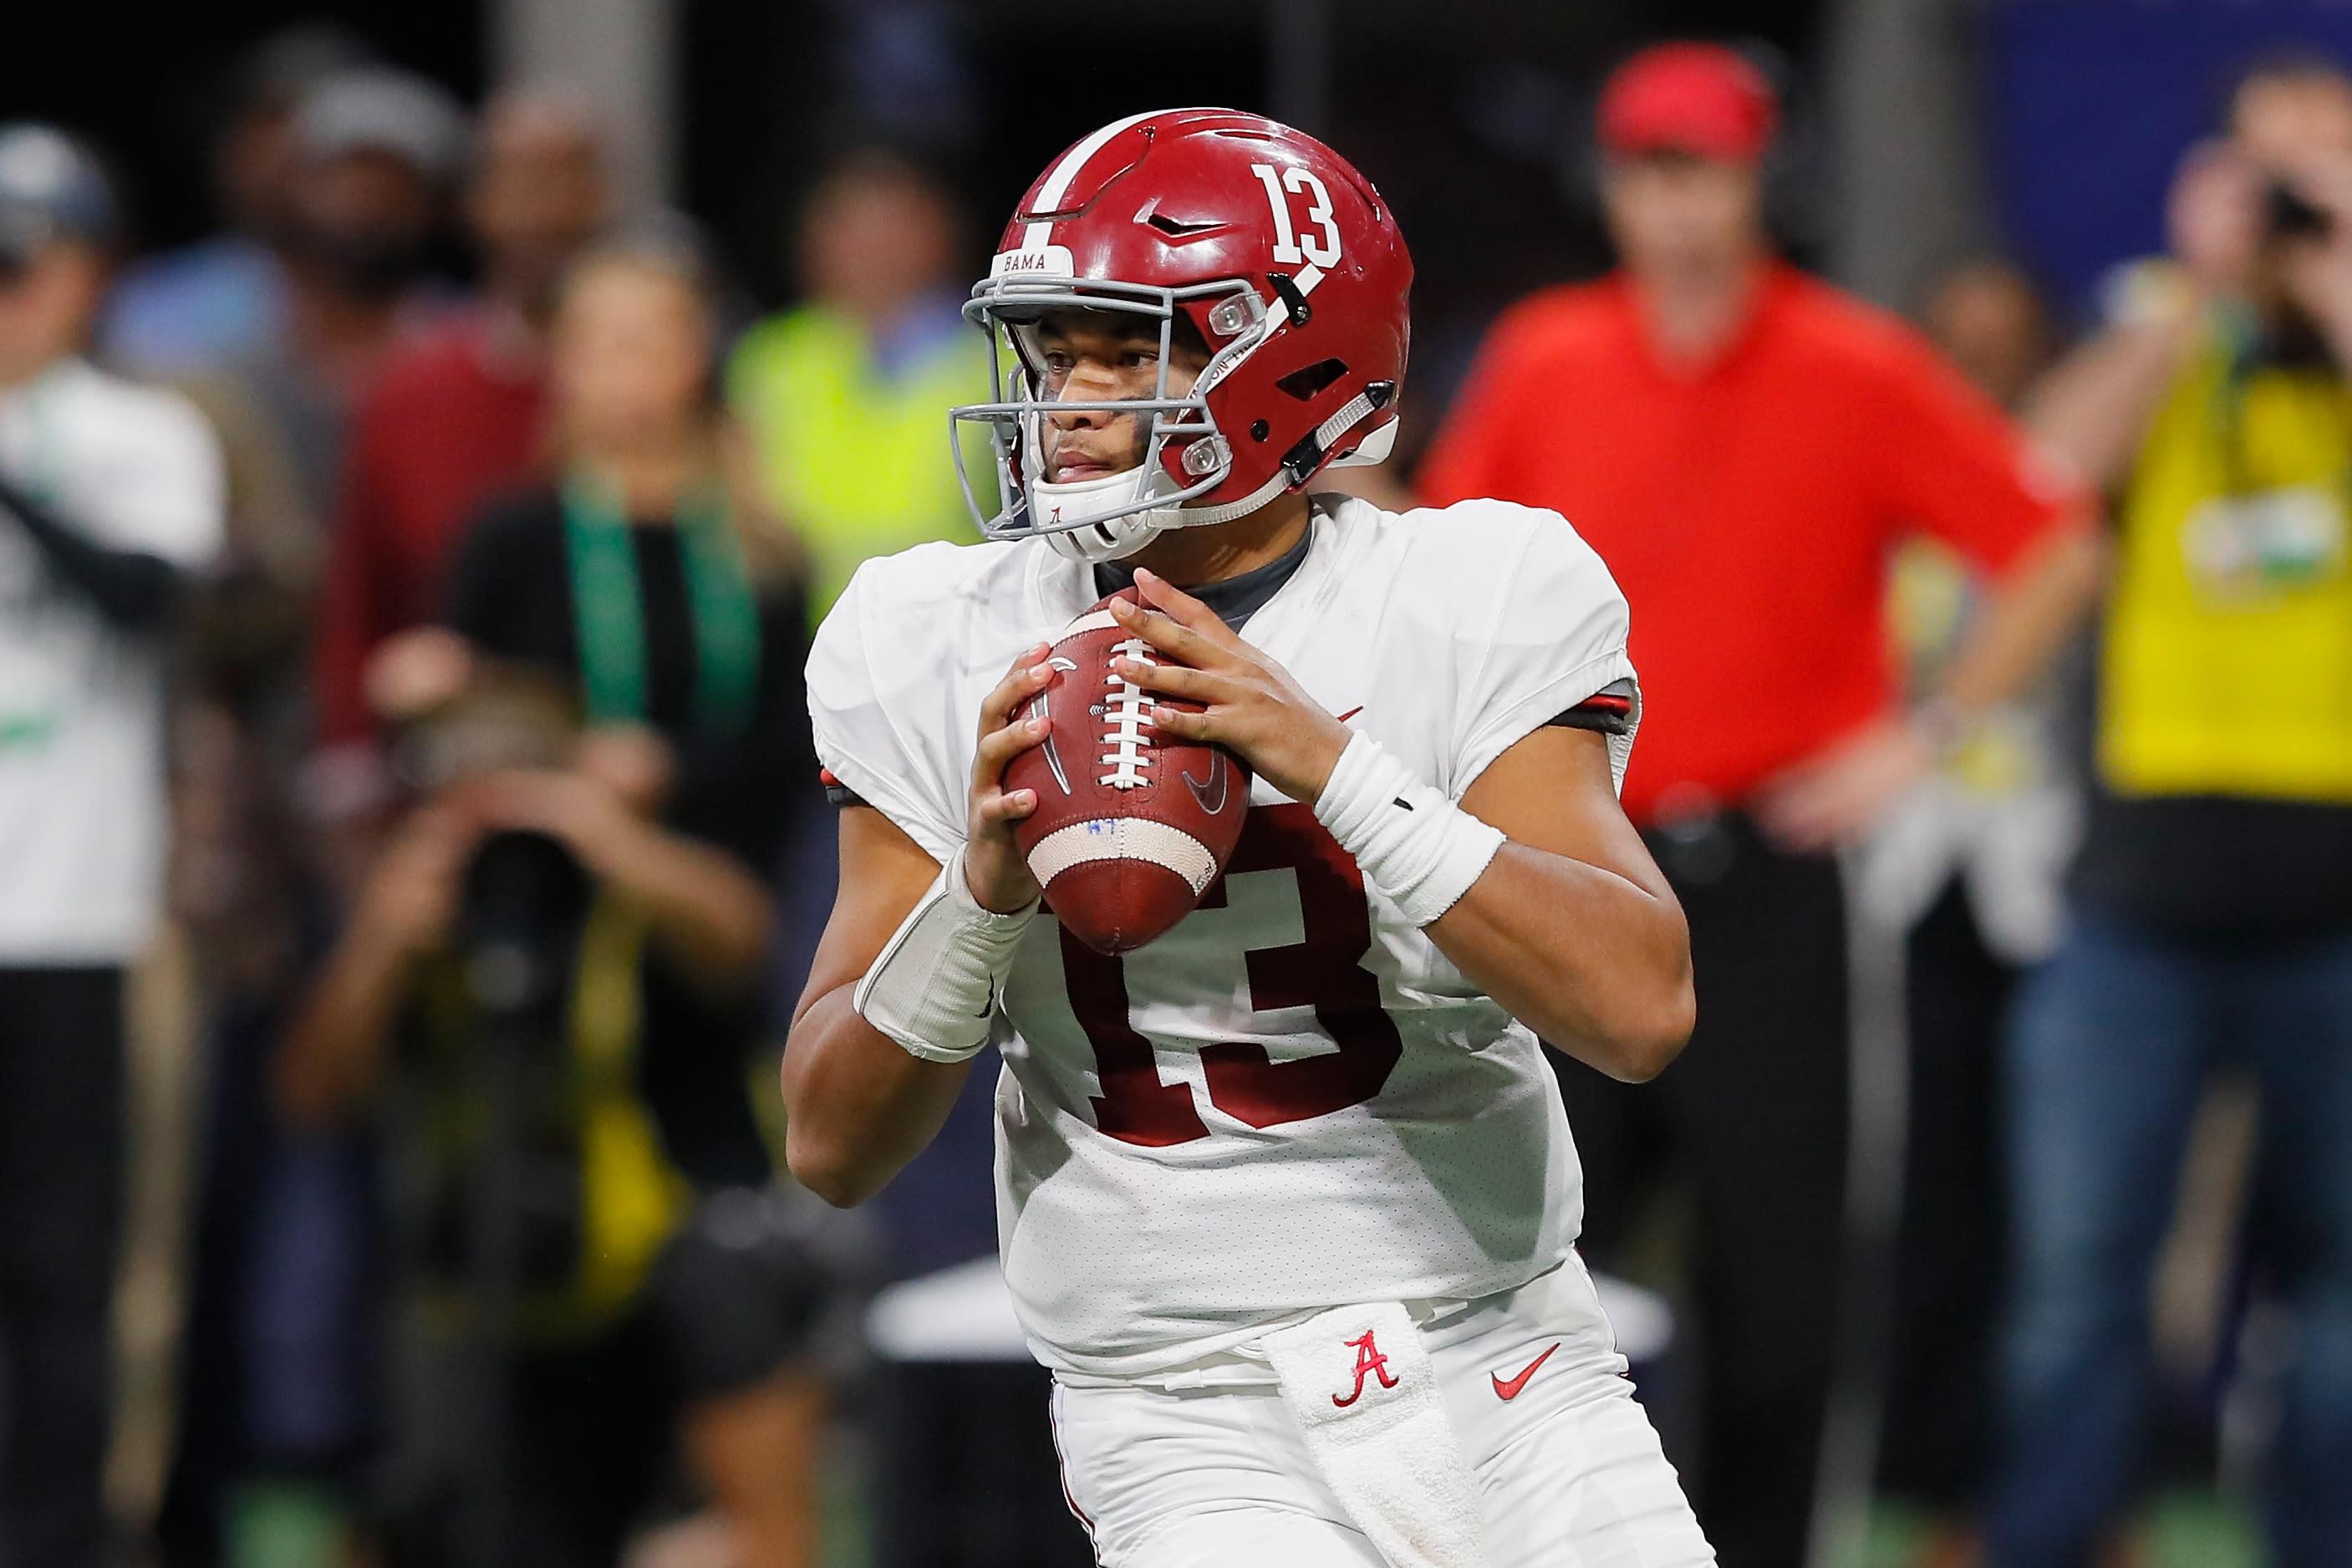 af7c283f9 The one knock the NFL has on Alabama star quarterback Tua Tagovailoa